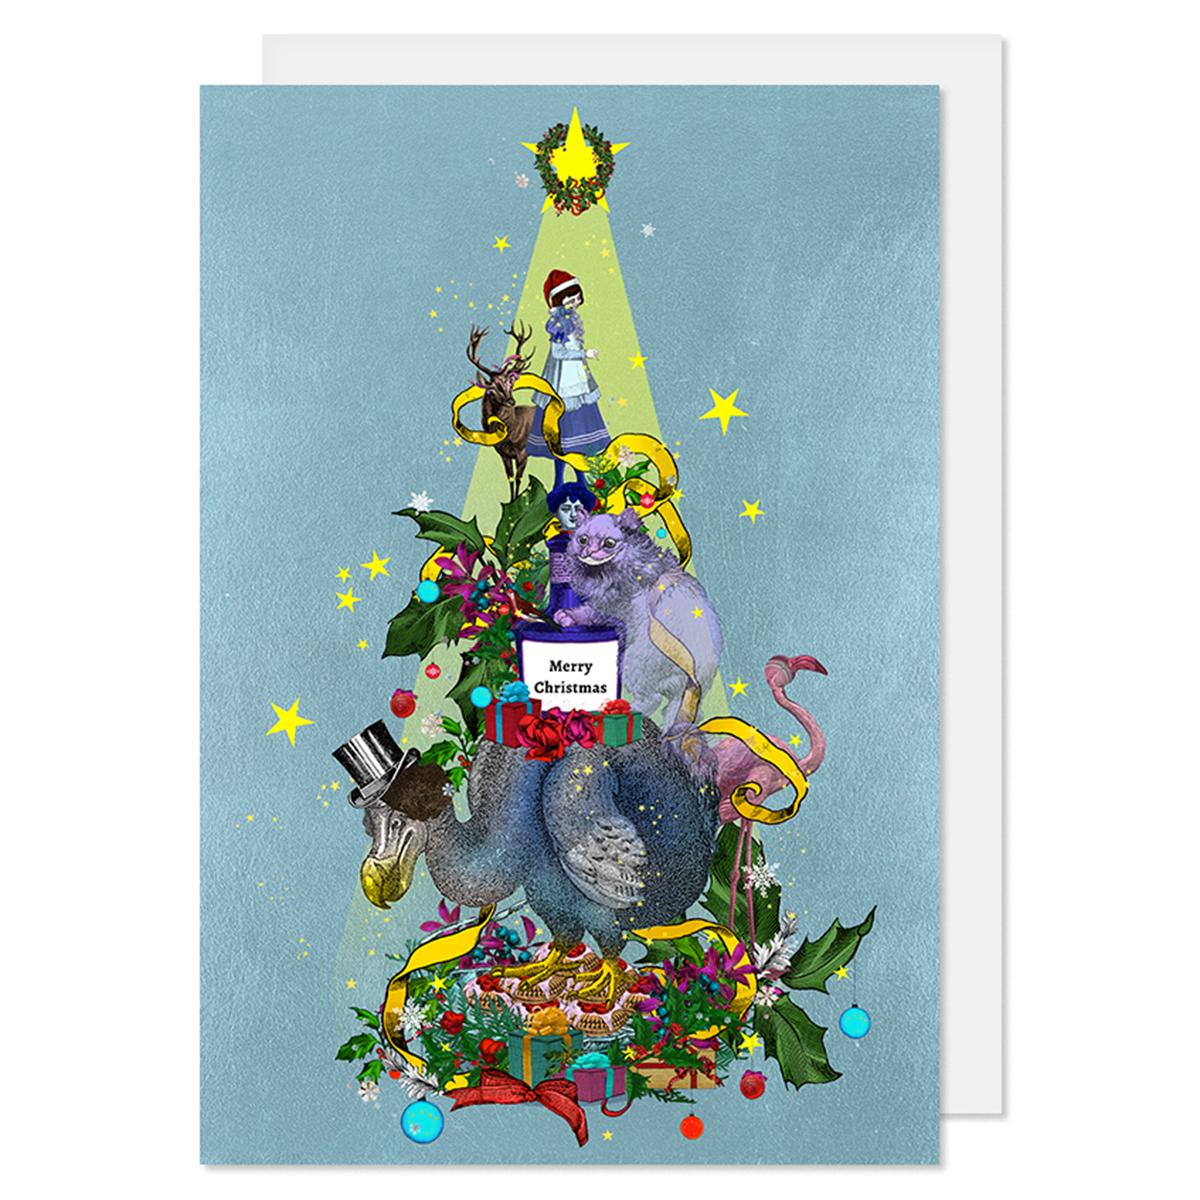 Between Wonderlands Christmas card pack